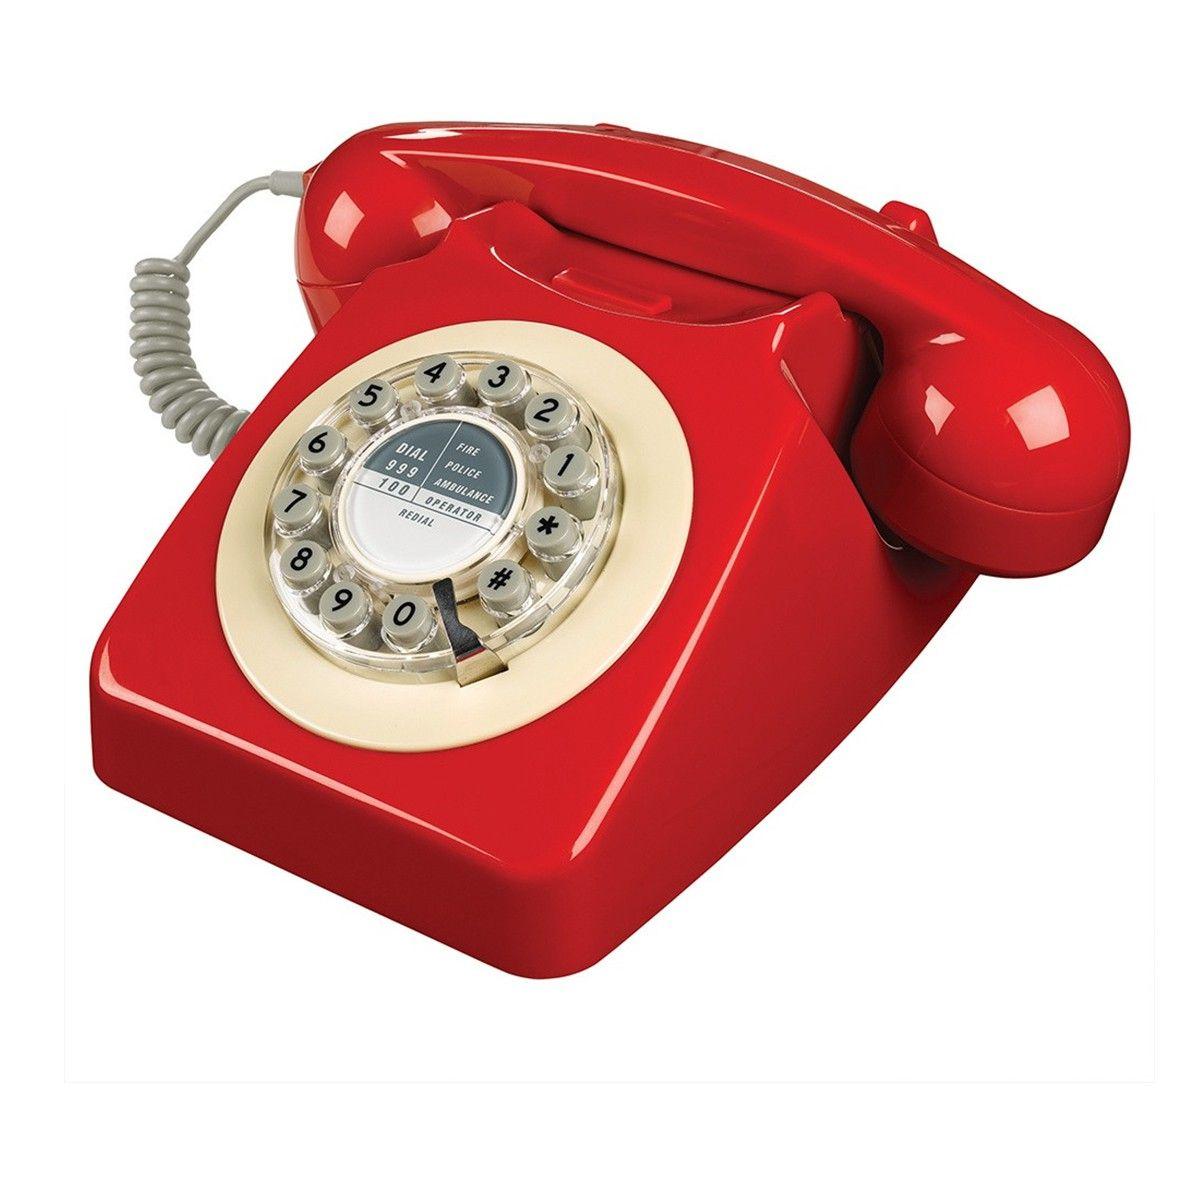 Téléphone 60's style - Rouge - Wild